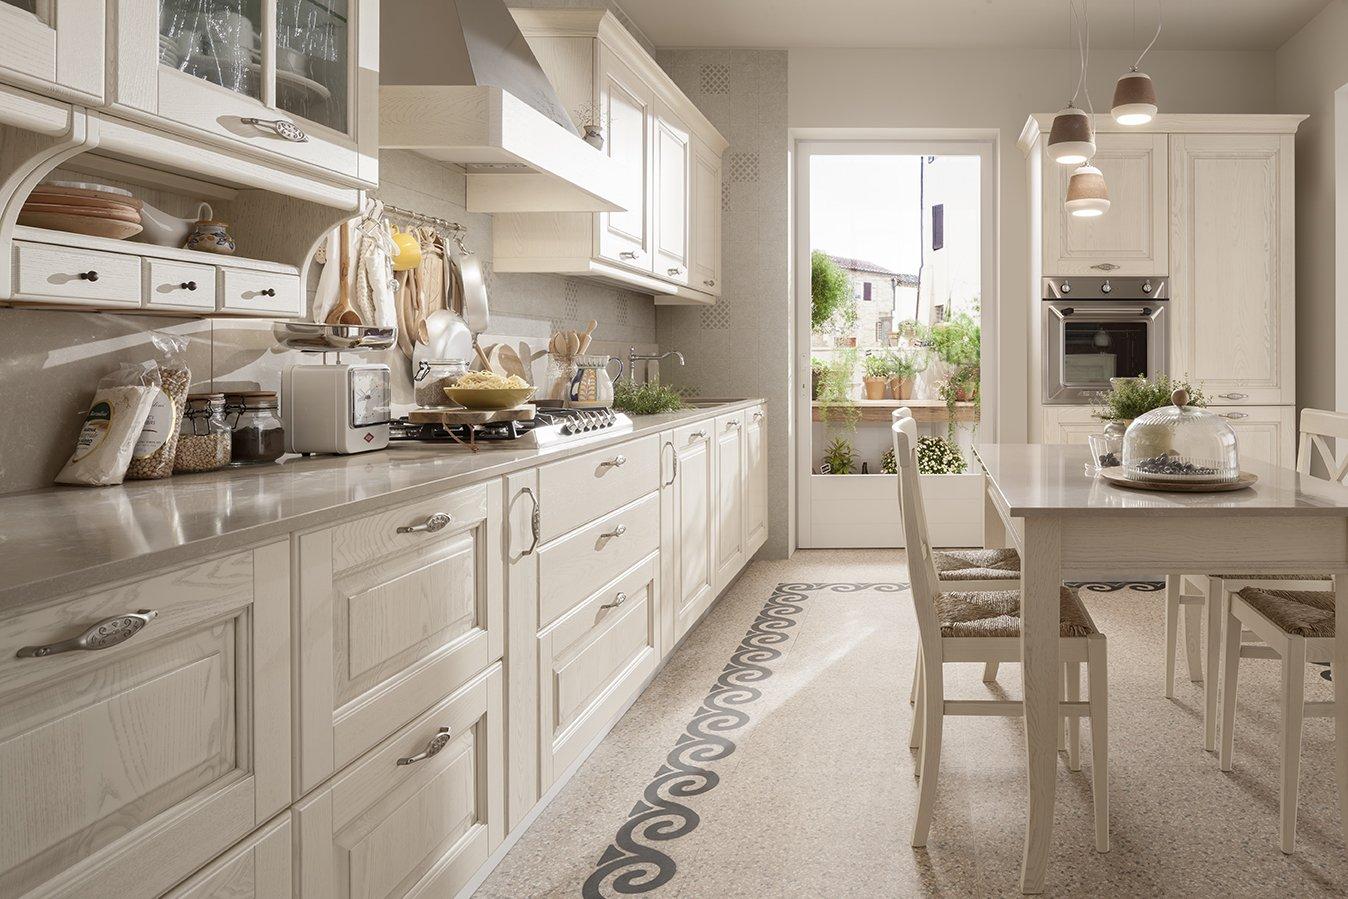 Veneta cucine tradizione memory cucine con top extra - Cucina bianca e noce ...